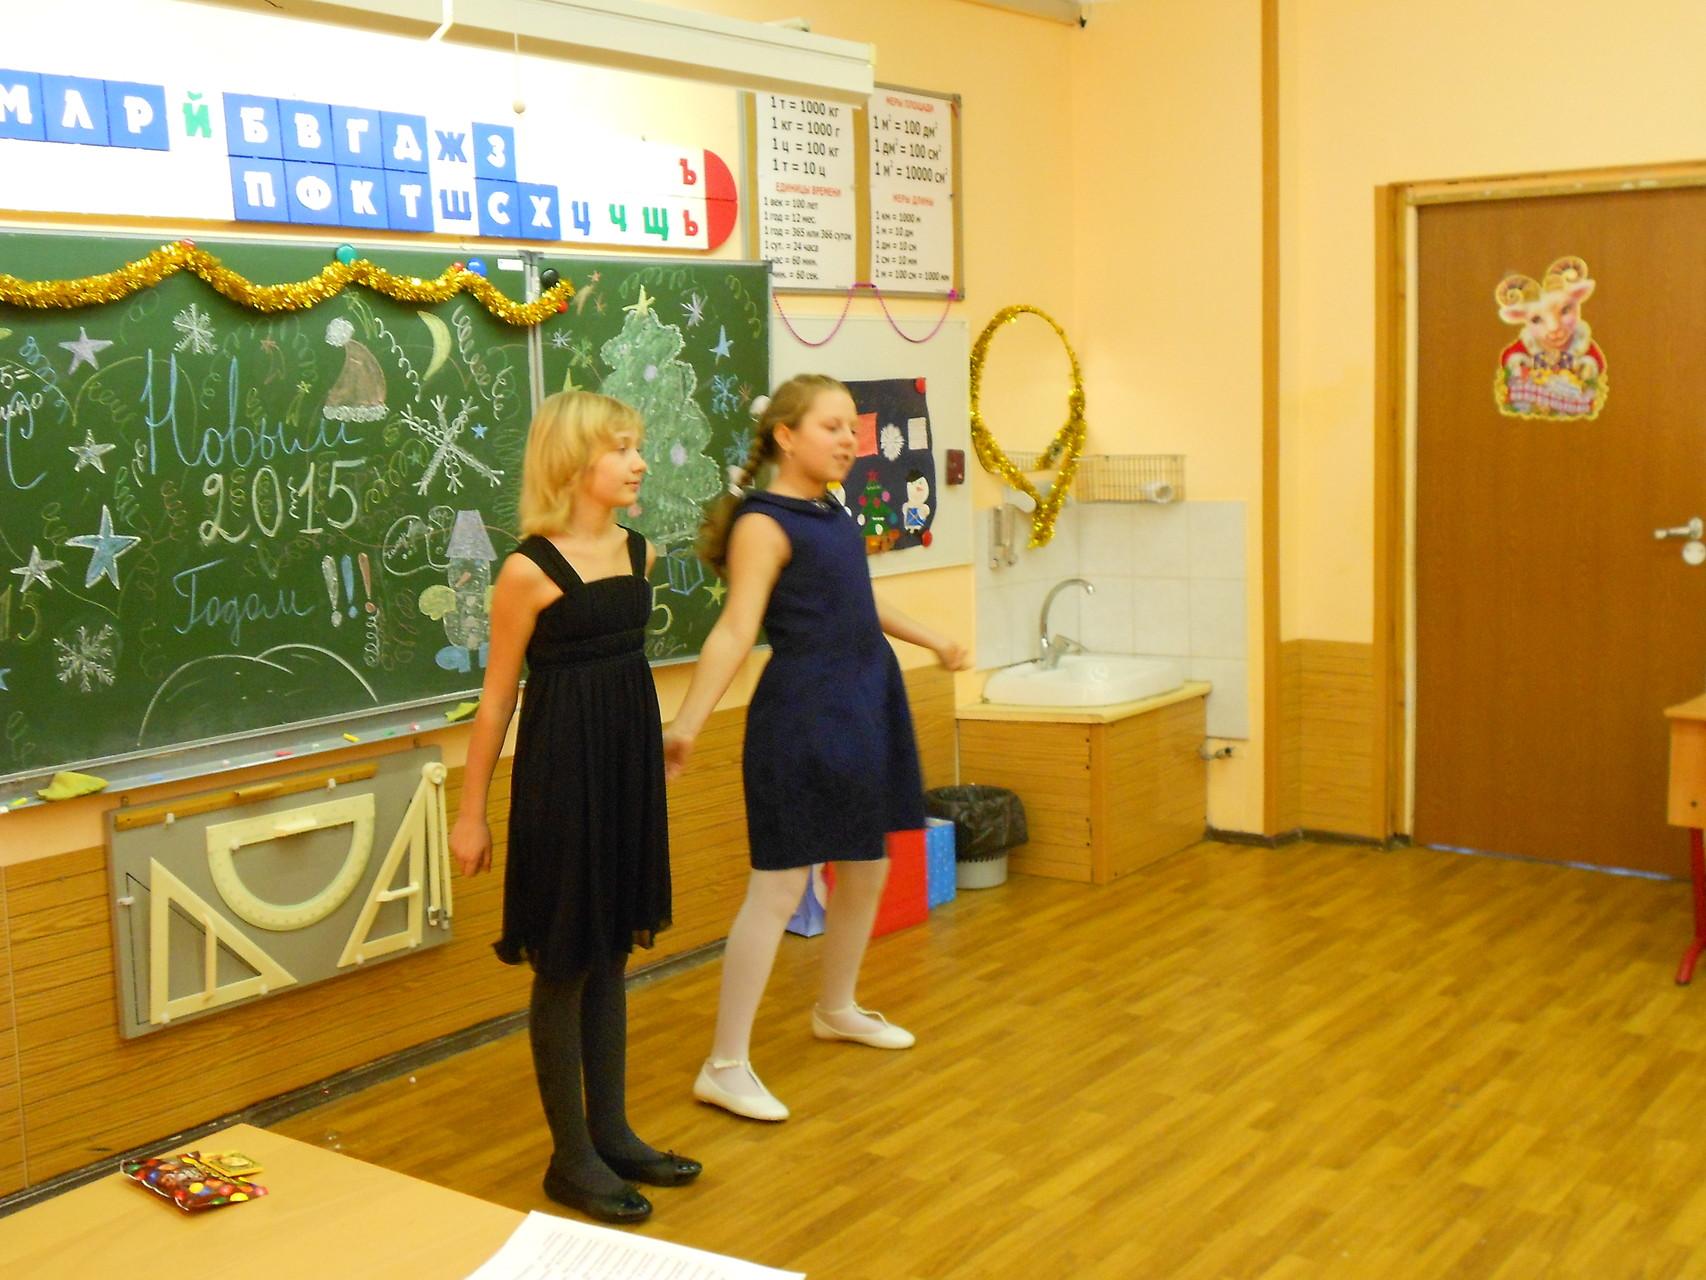 Емельяненкова Анна и Петрова Екатерина исполняют танцевальный номер «Moves  Like  Jagger»